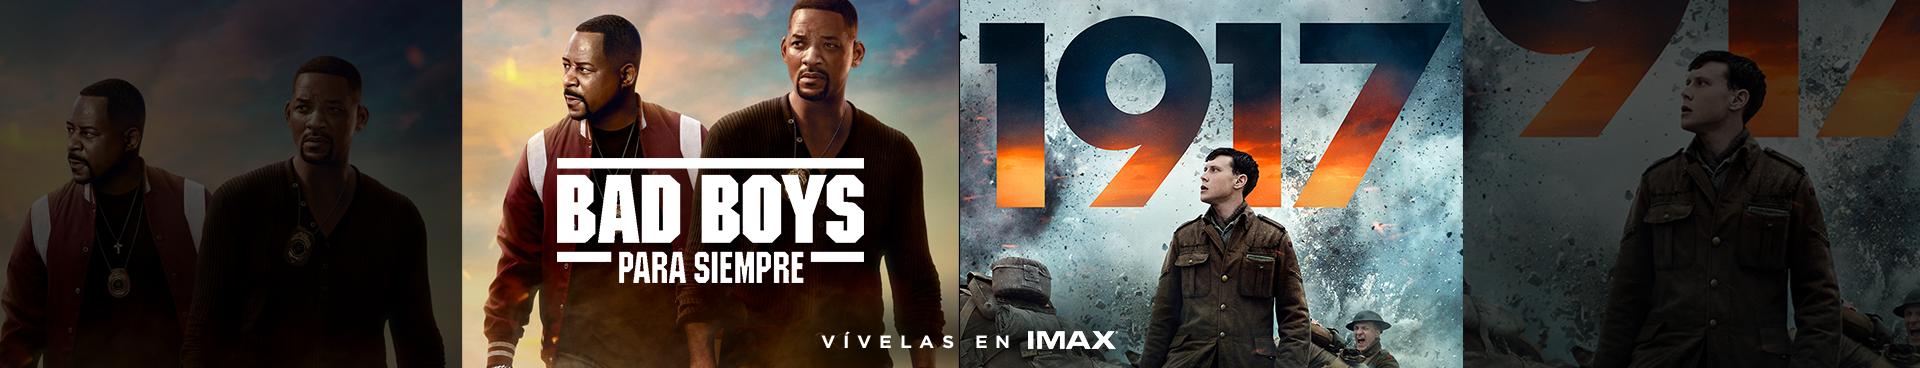 VIVELA EN IMAX: ESTRENO: BAD BOYS PARA SIEMPRE + EN CARTELERA: 1917